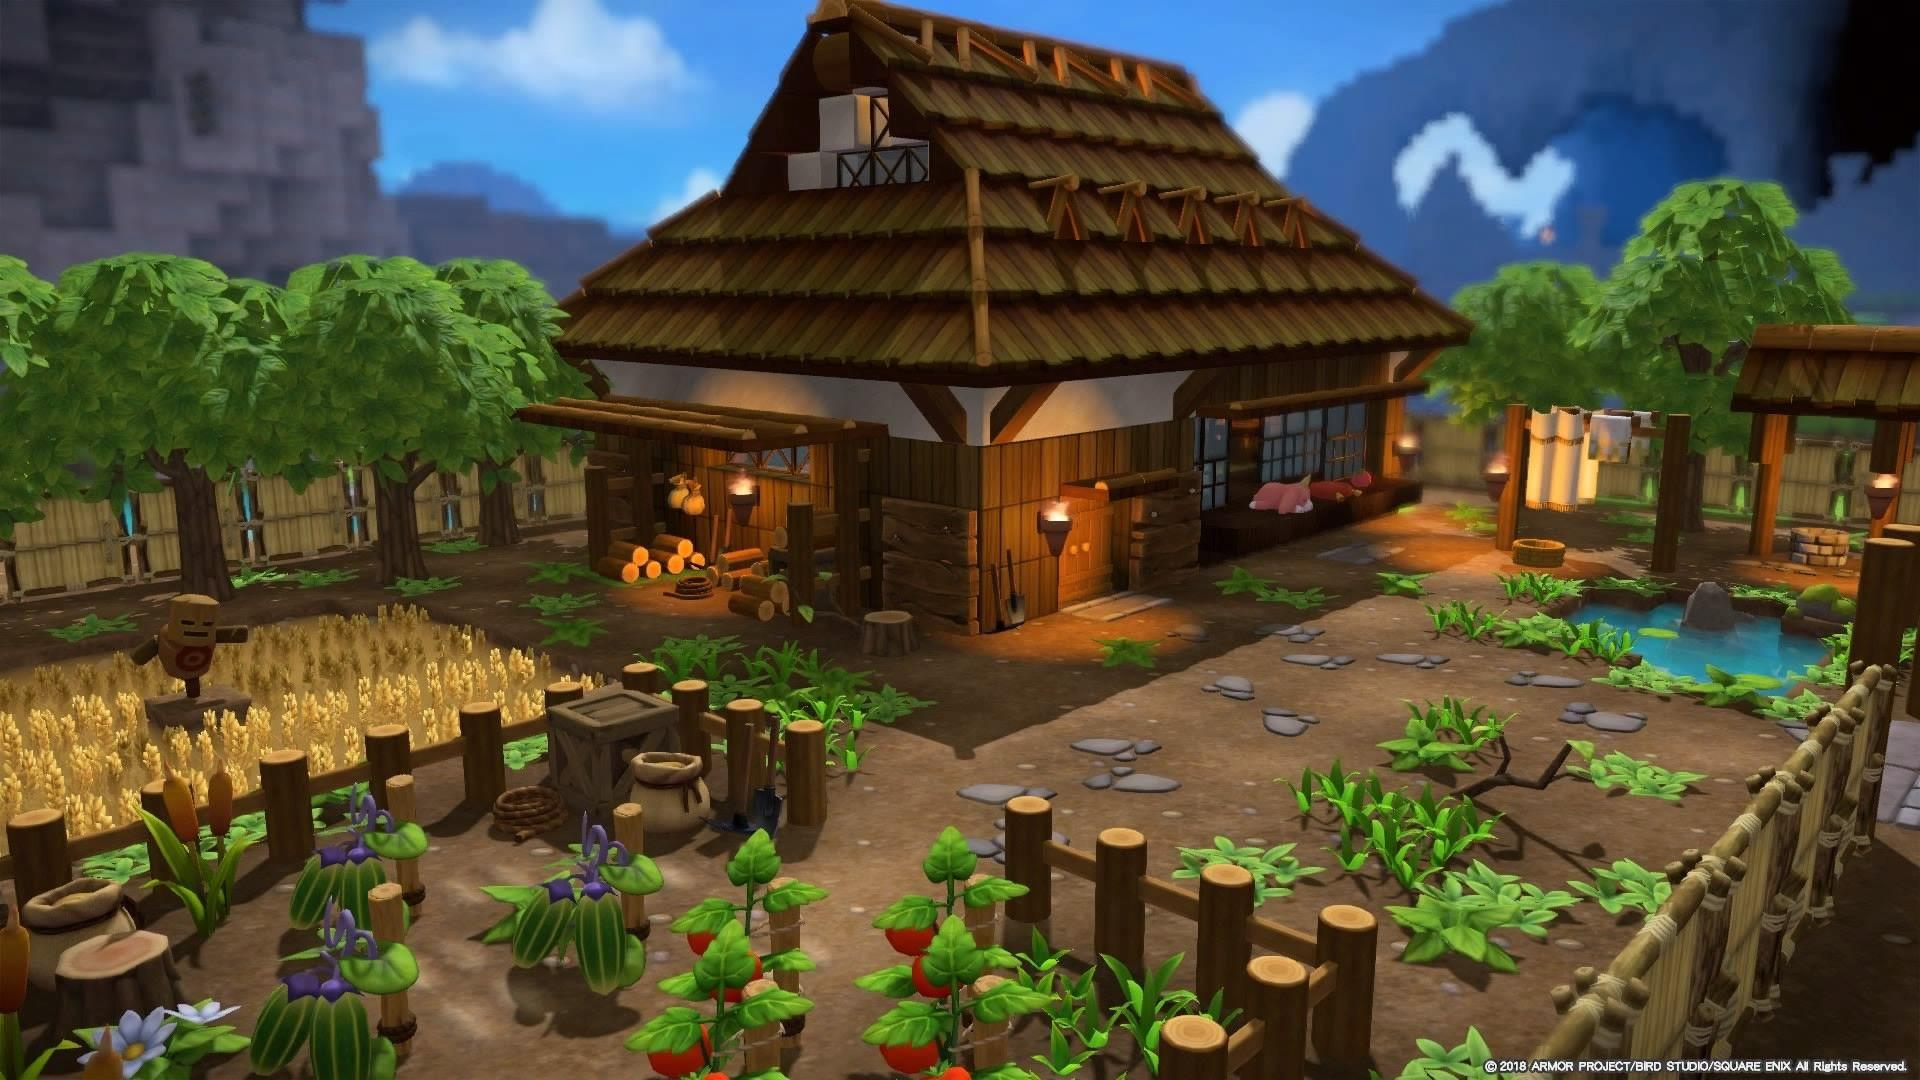 ドラゴンクエストビルダーズ2 破壊神シドーとからっぽの島 の けいじばん をゲームの外からでも楽しもう シドー マインクラフトの家 建物